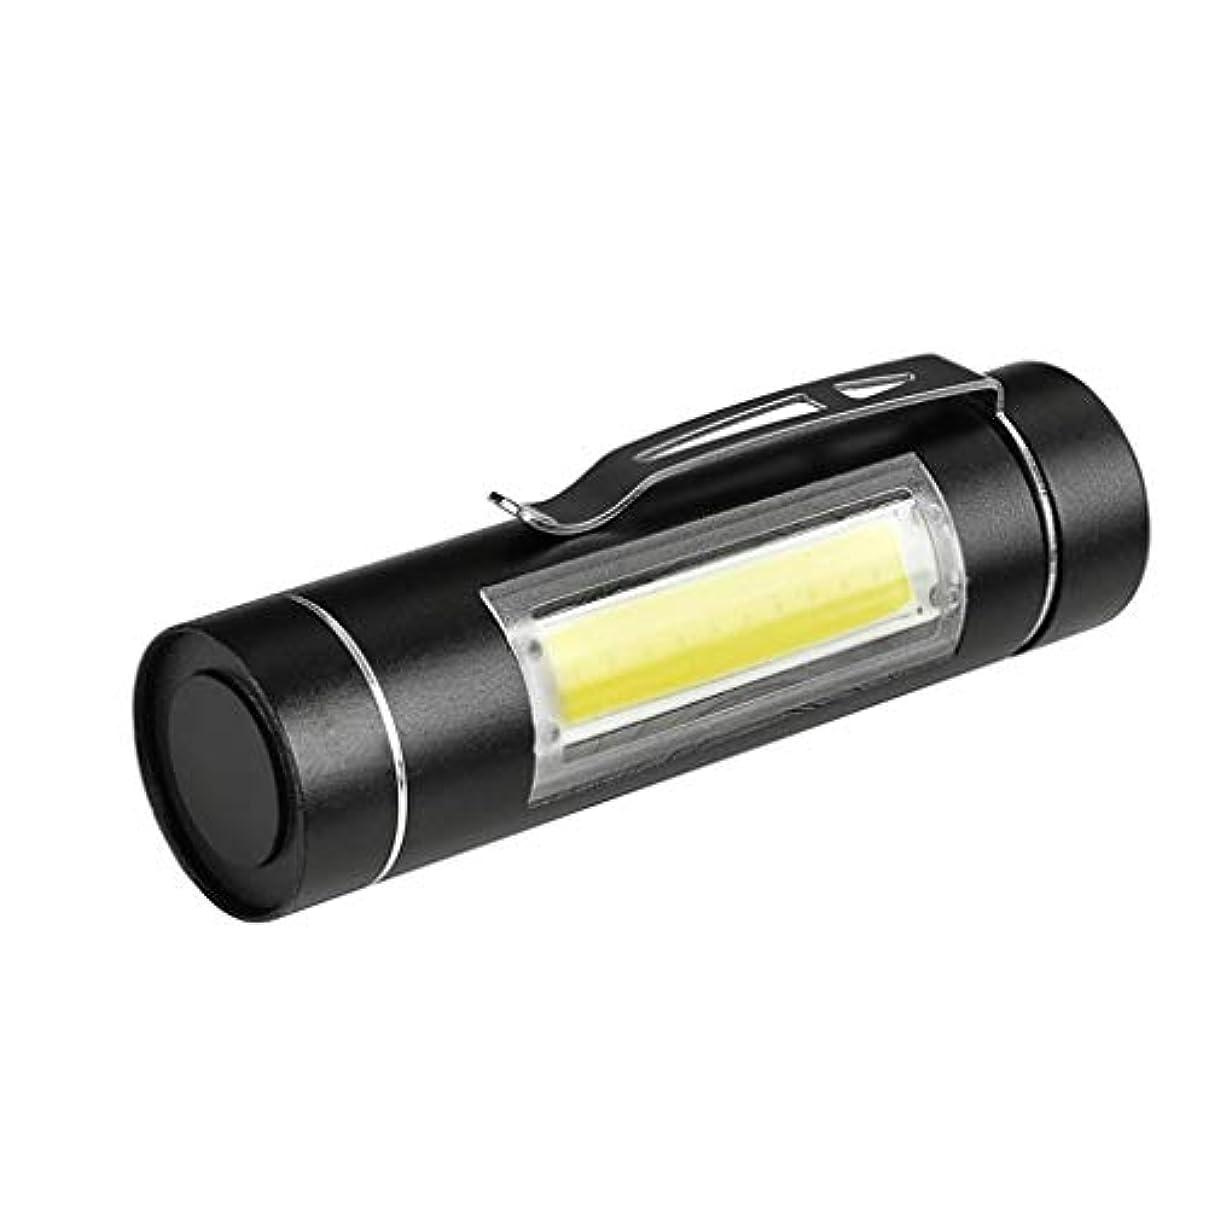 メイン発動機半ばXPE Q5 COB LED 懐中電灯 小型 便利 ハンディライト 高輝度 TangQI 14500&単三電池 防水 高性能 多用途 防水 防塵 停電 地震 キャンプ 読書 ハイキング